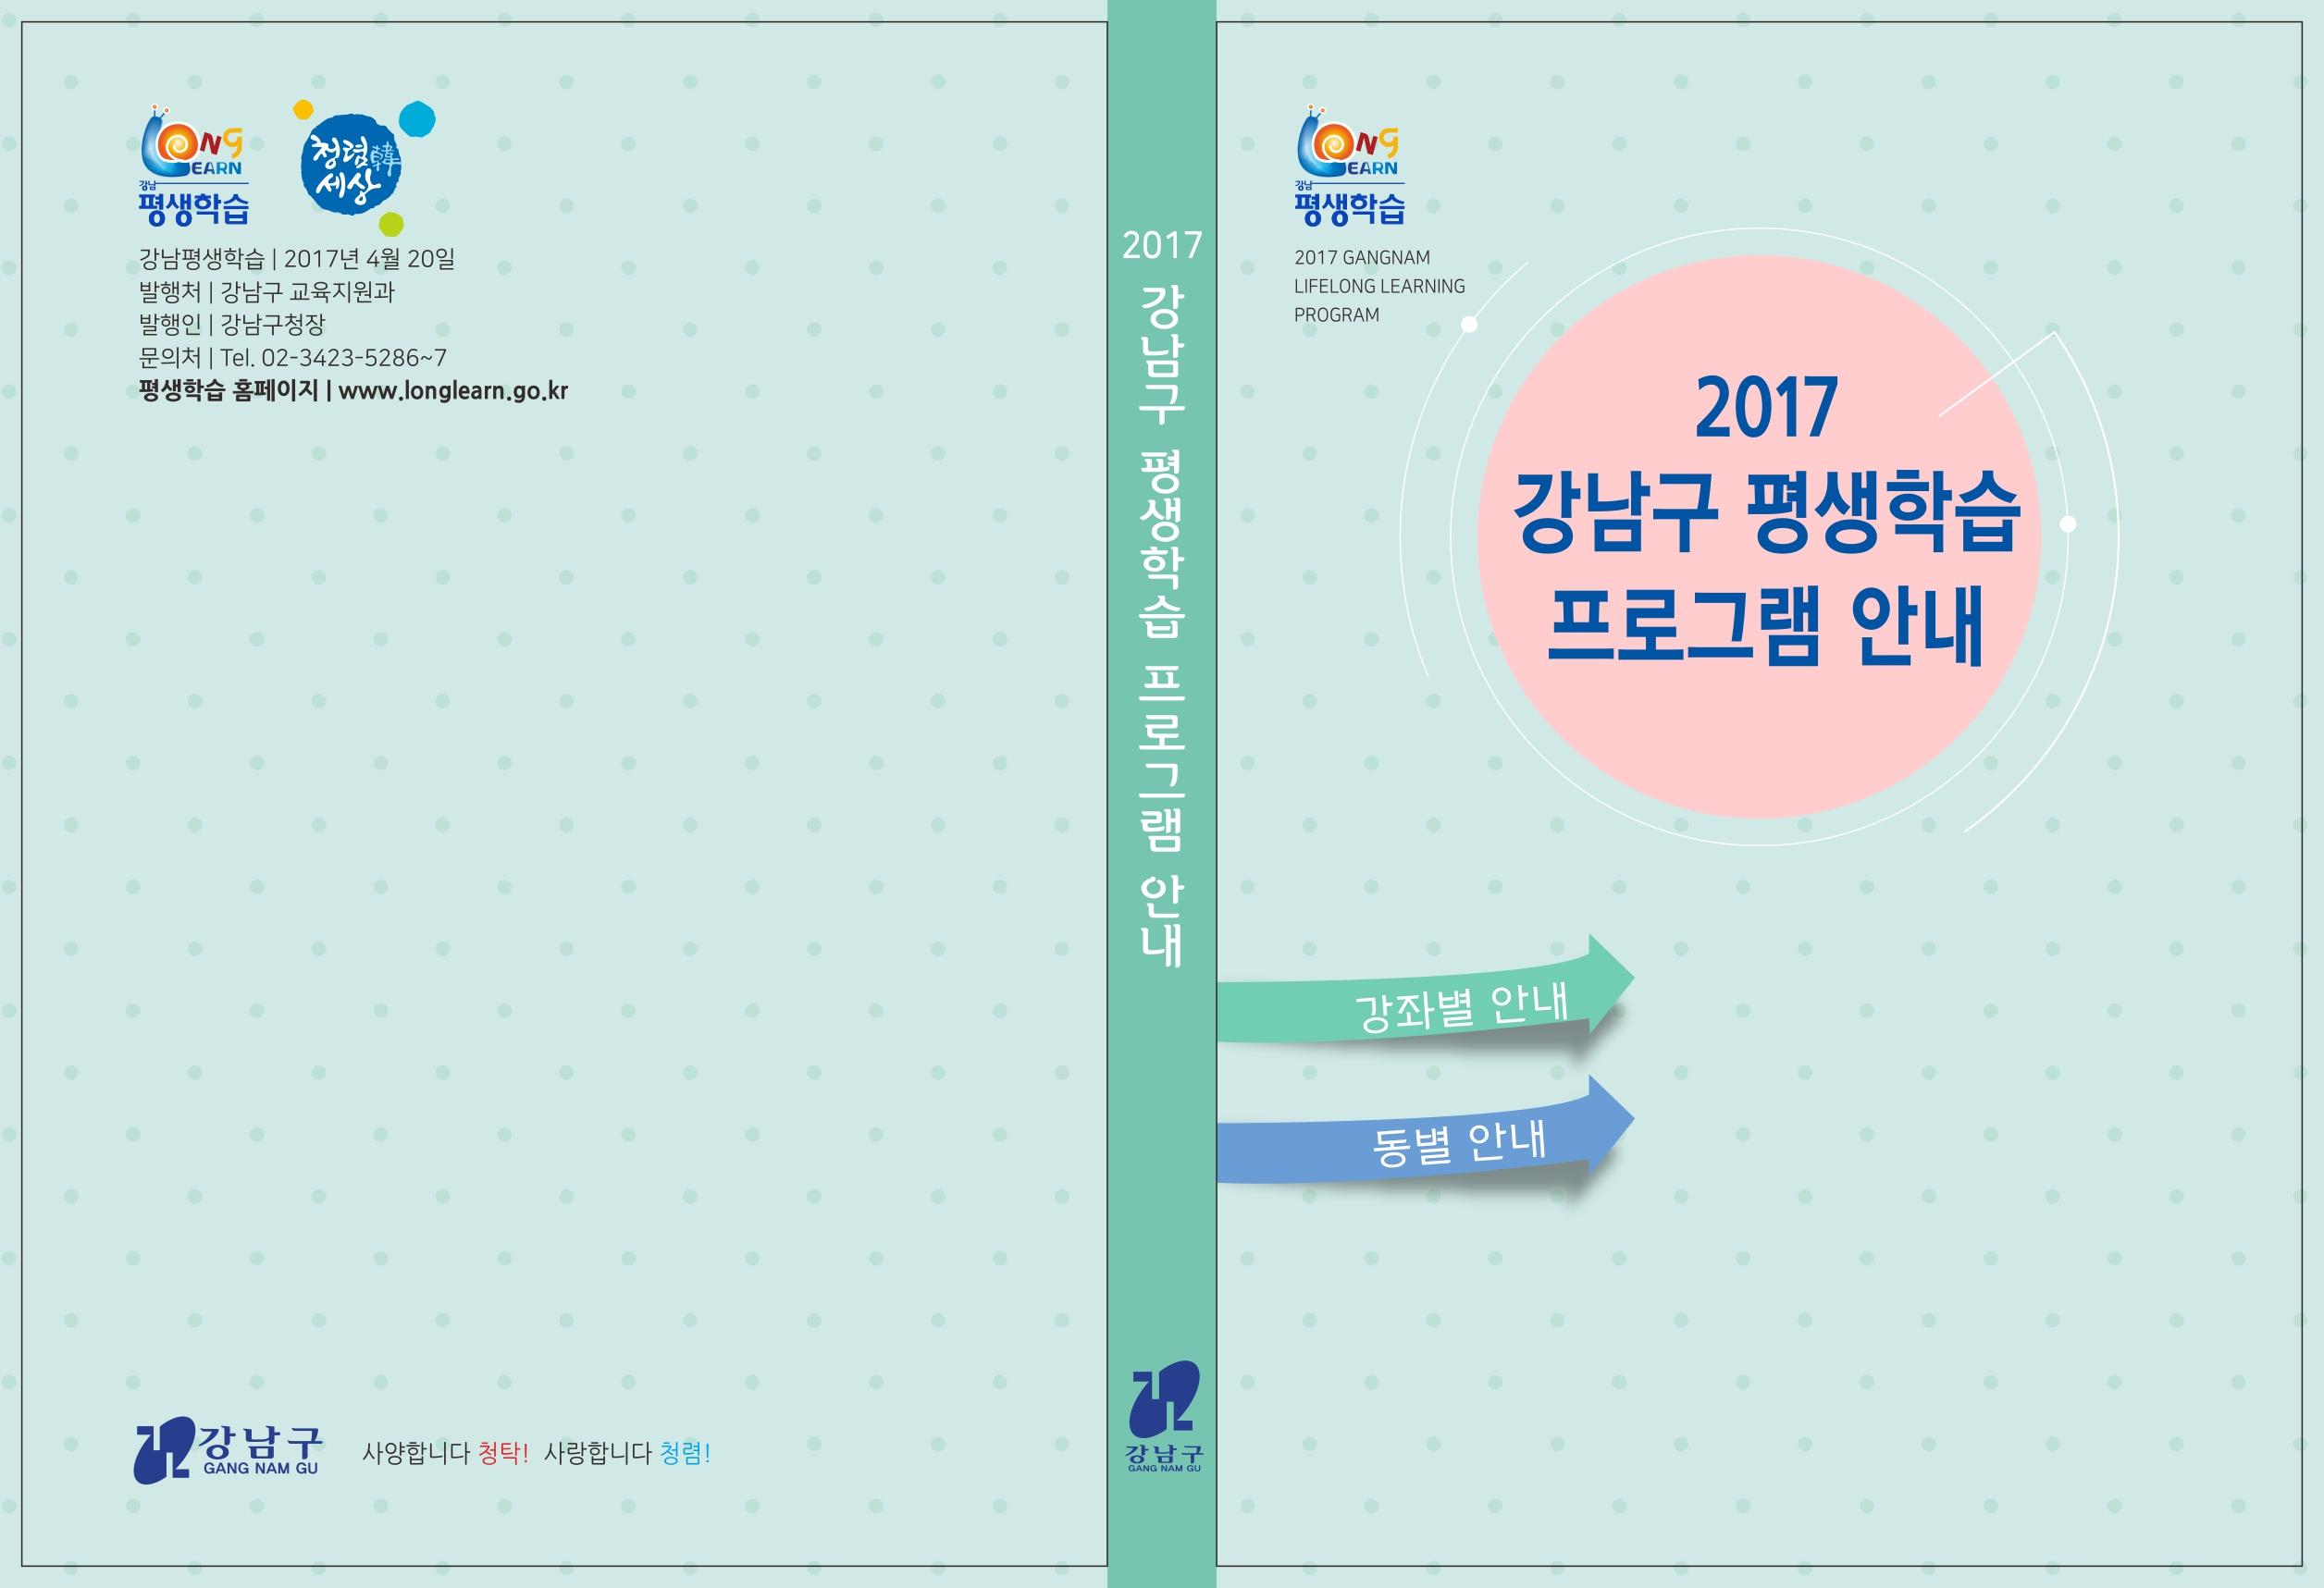 2017 강남구 평생학습 프로그램 안내 책자